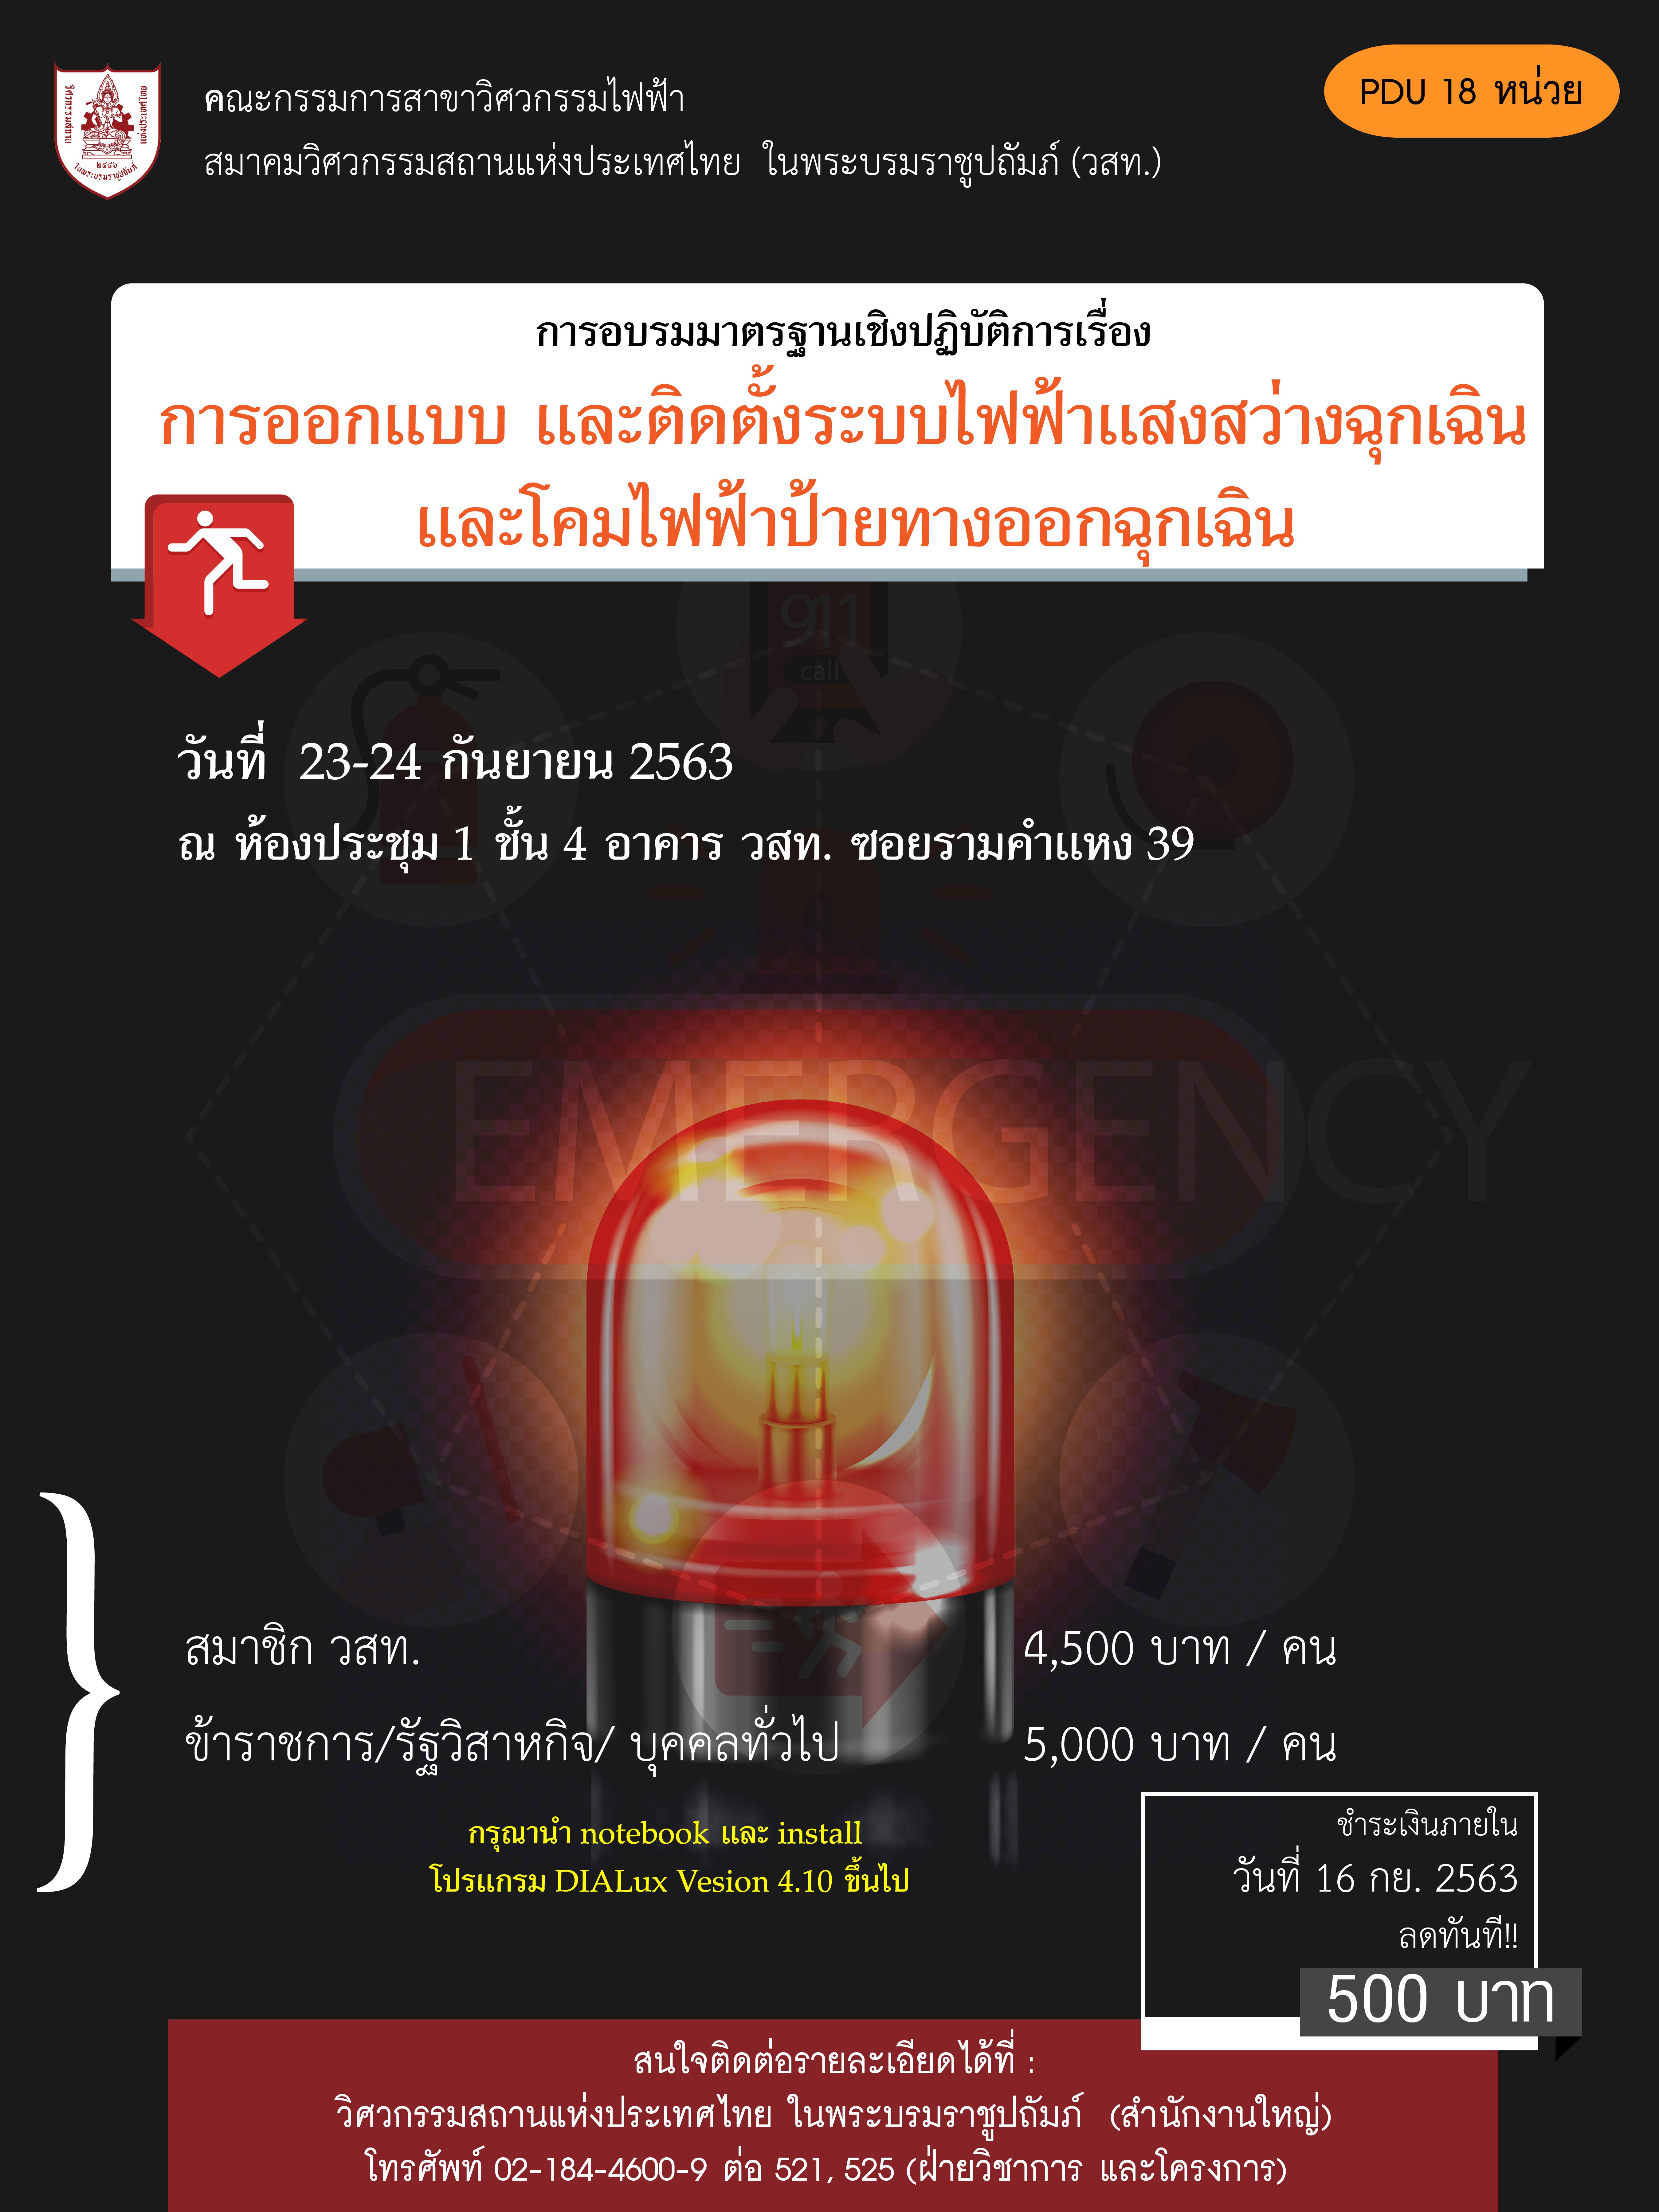 """23-24/9/2563 การอบรมมาตรฐานเชิงปฏิบัติการเรื่อง """"การออกแบบ และติดตั้งระบบไฟฟ้าแสงสว่างฉุกเฉิน และโคมไฟฟ้าป้ายทางออกฉุกเฉิน (เดิมกำหนด 22-23 กค.)"""